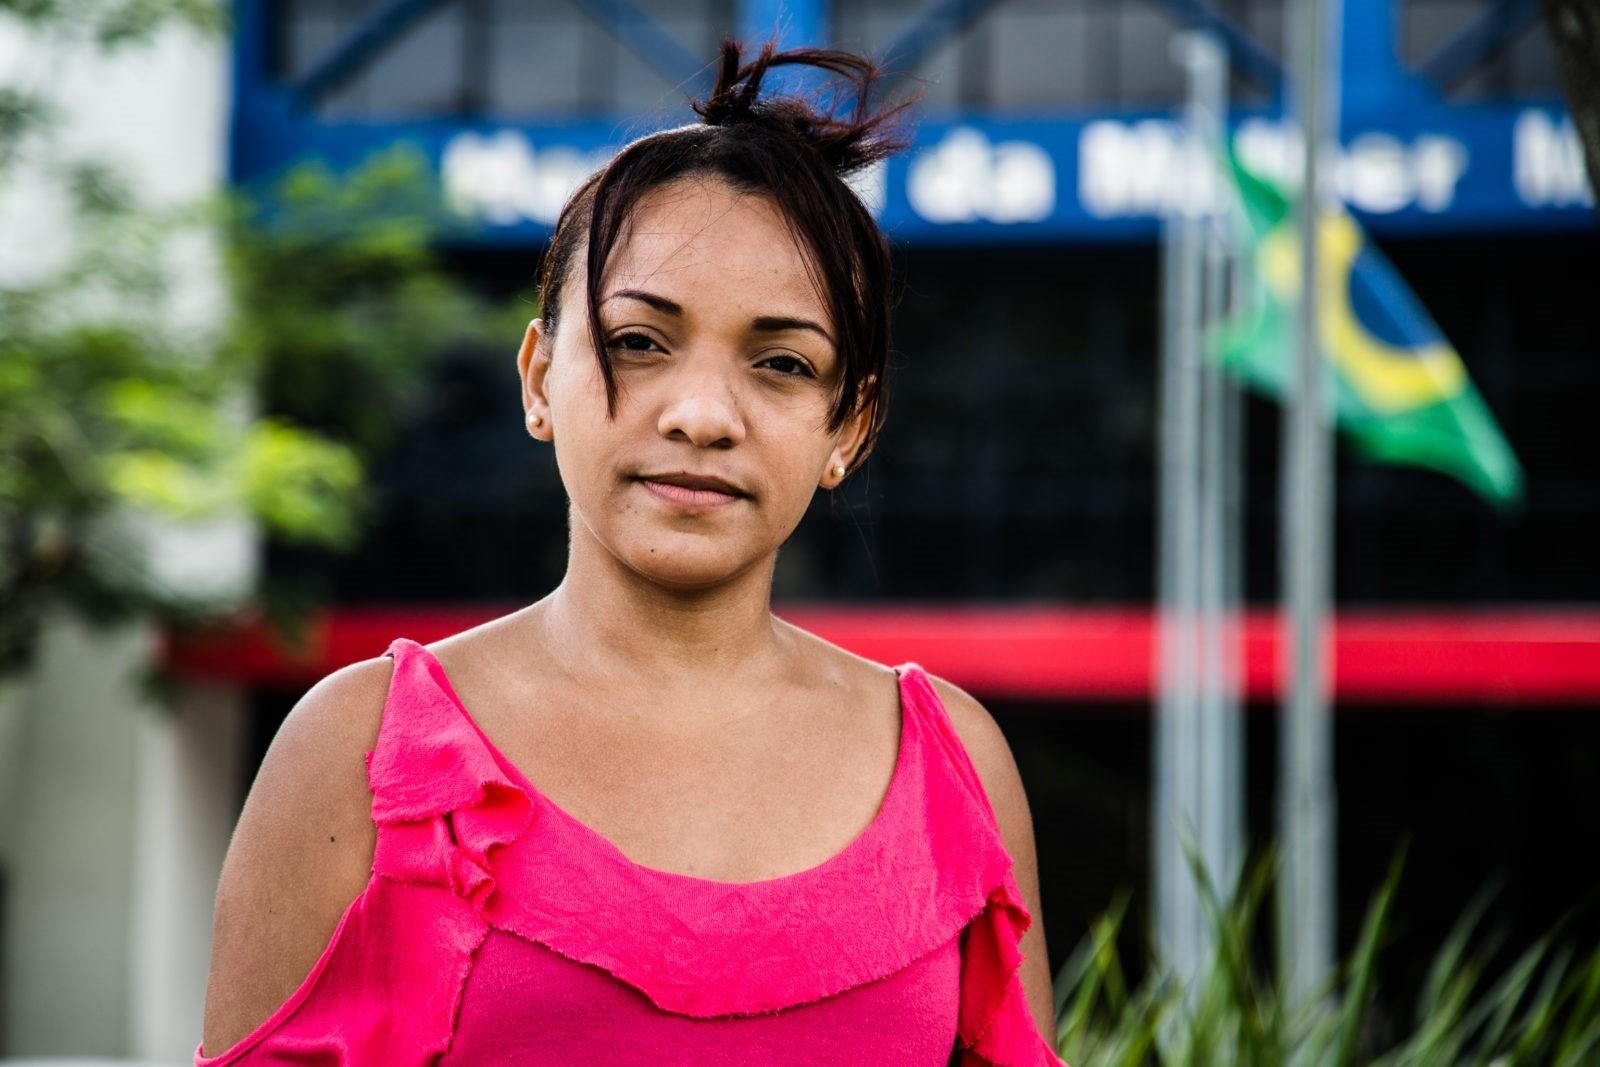 """Após colocar as molas, Elaine Alves da Conceição passou a sentir dores """"na lombar, abaixo da barriga, cólicas muito fortes"""" (Foto: AF Rodrigues/Agência Pública)"""